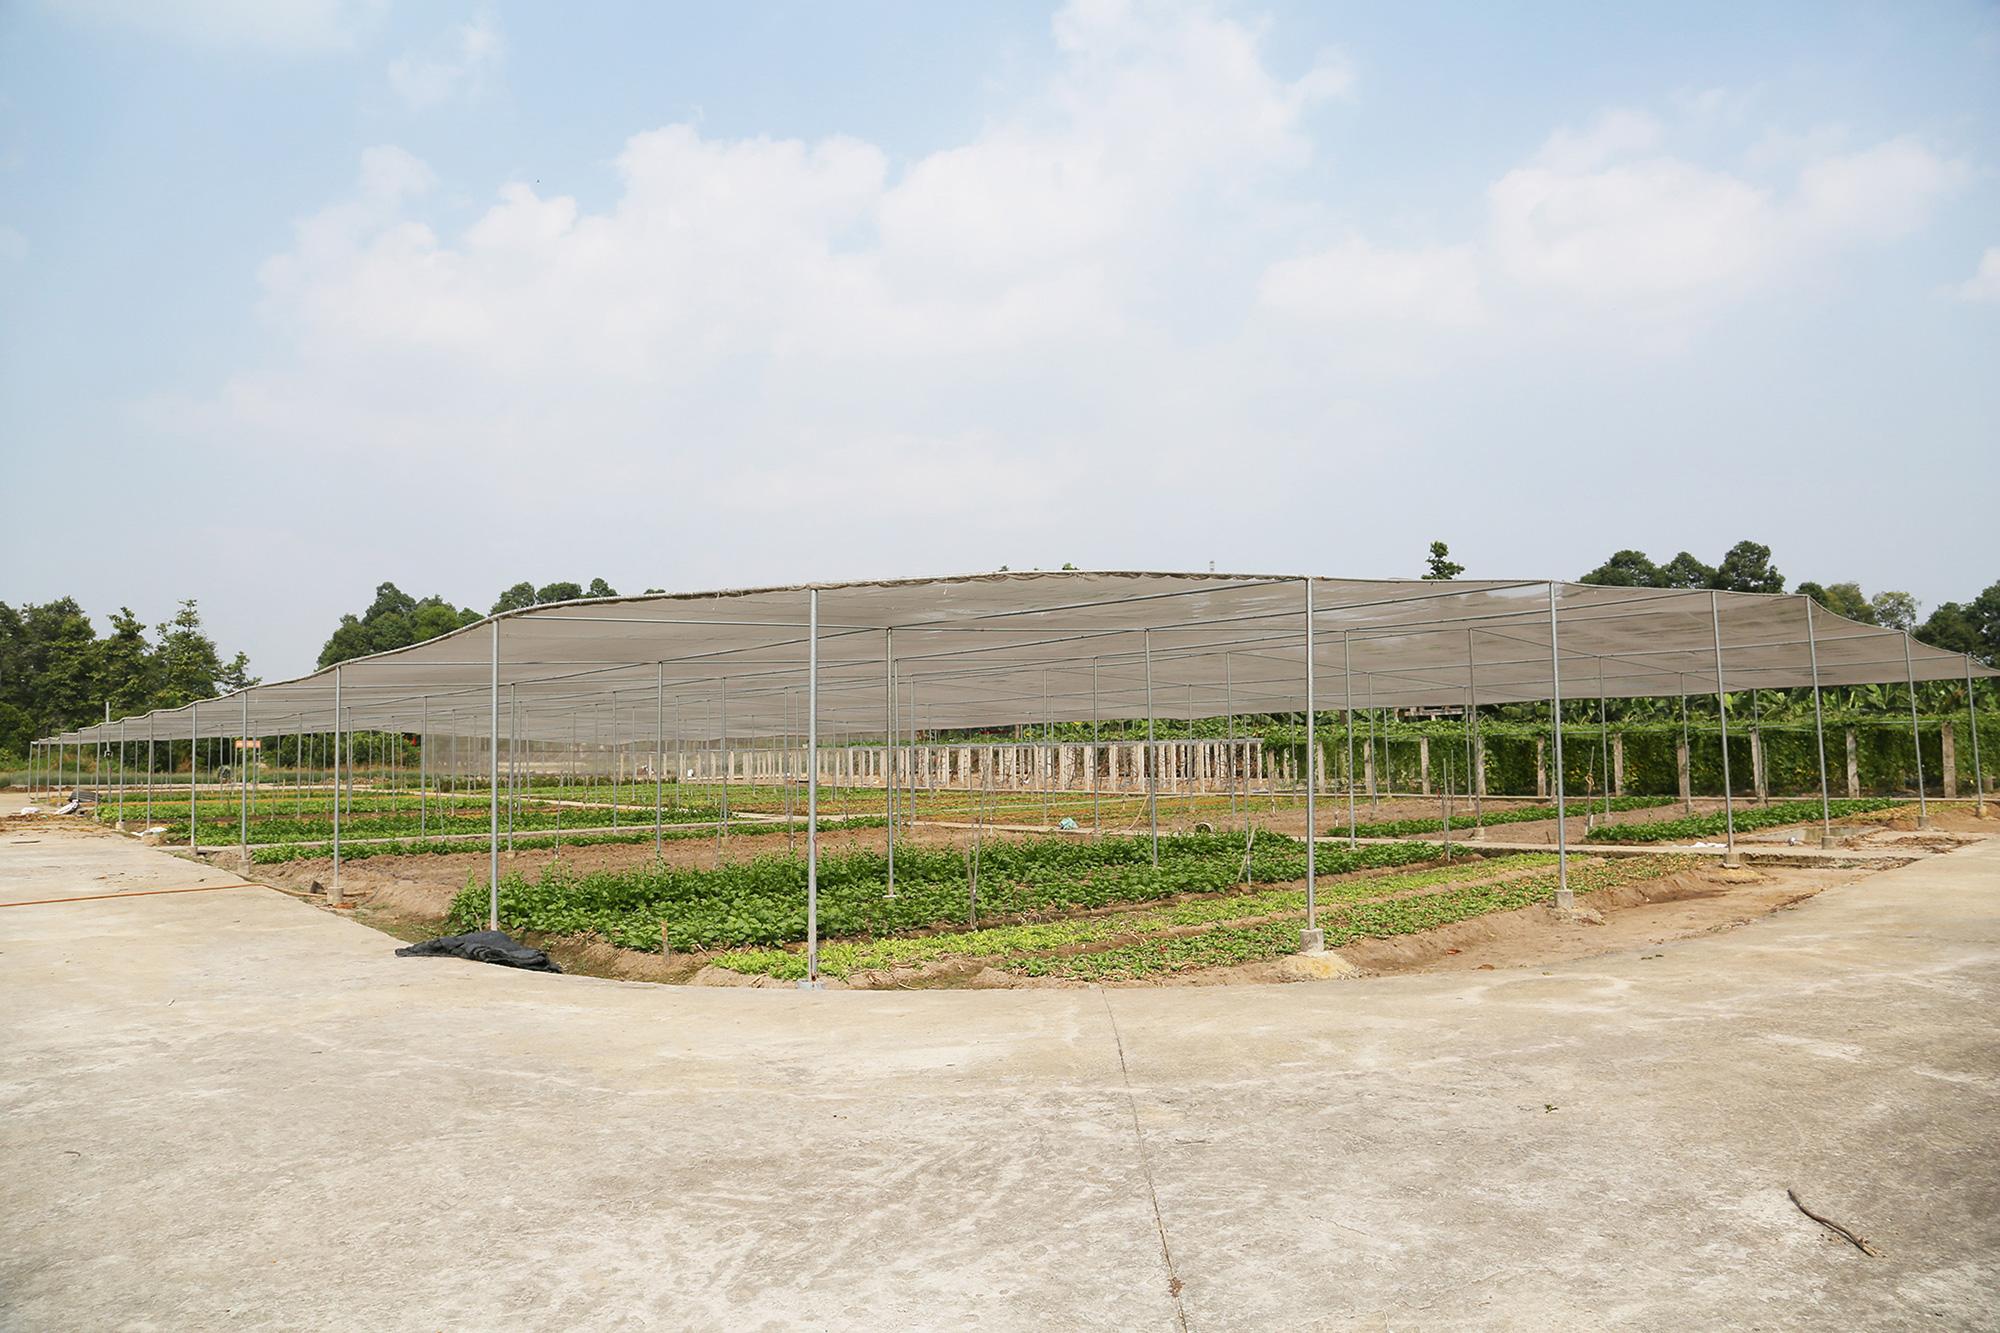 Mục kích khu tăng gia sản xuất rau sạch của Lữ đoàn Phòng không 71 - Ảnh minh hoạ 20